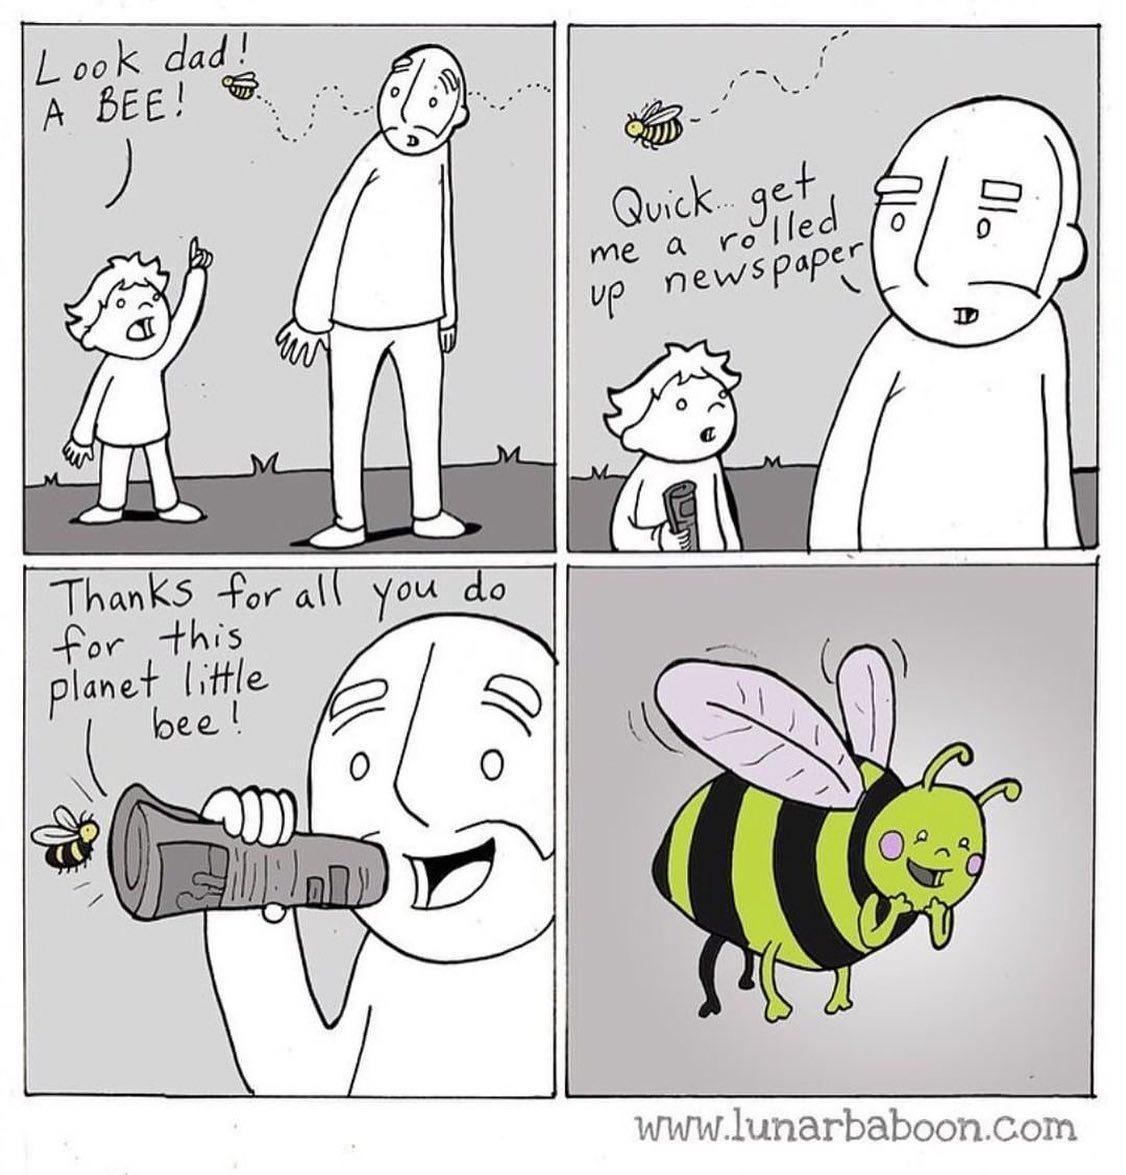 Einstein vatte het als volgt samen: Geen bijen, geen bestuiving, geen planten, geen dieren, geen mensen.  #bijen #jonggeleerdisoudgedaan @isalabijenstand